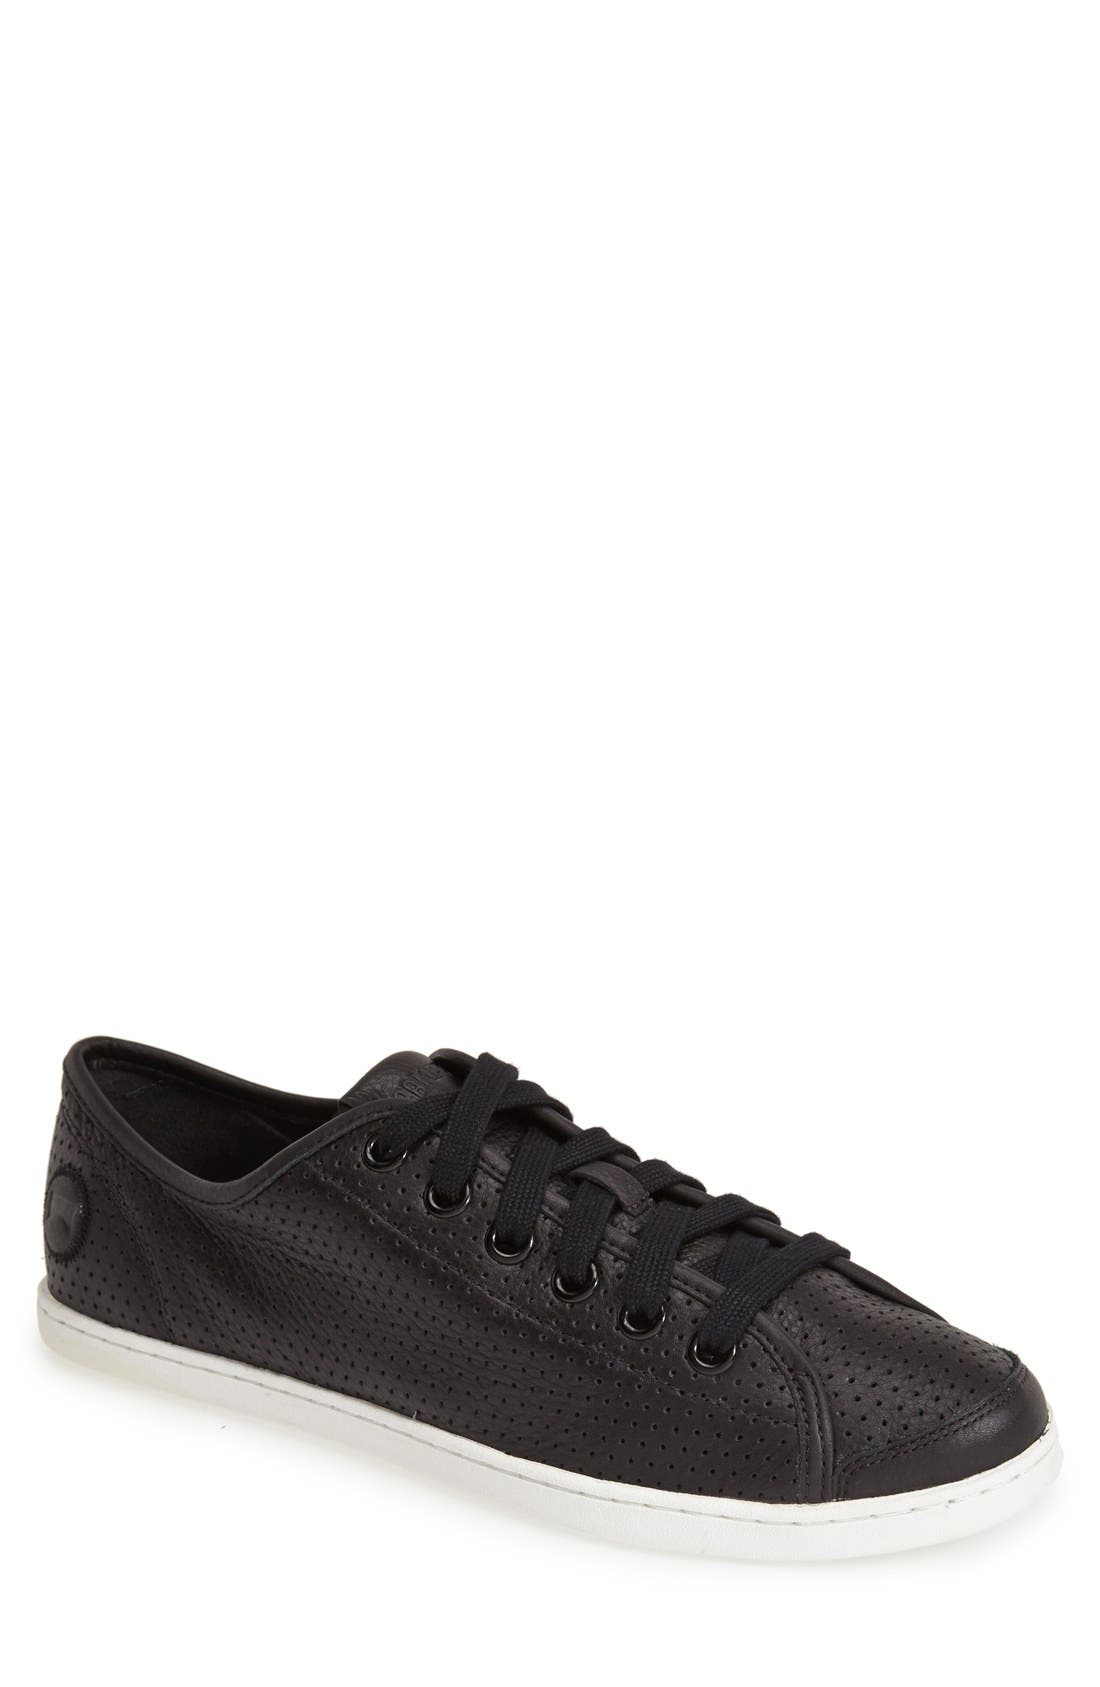 'Uno' Sneaker, Main, color, 001